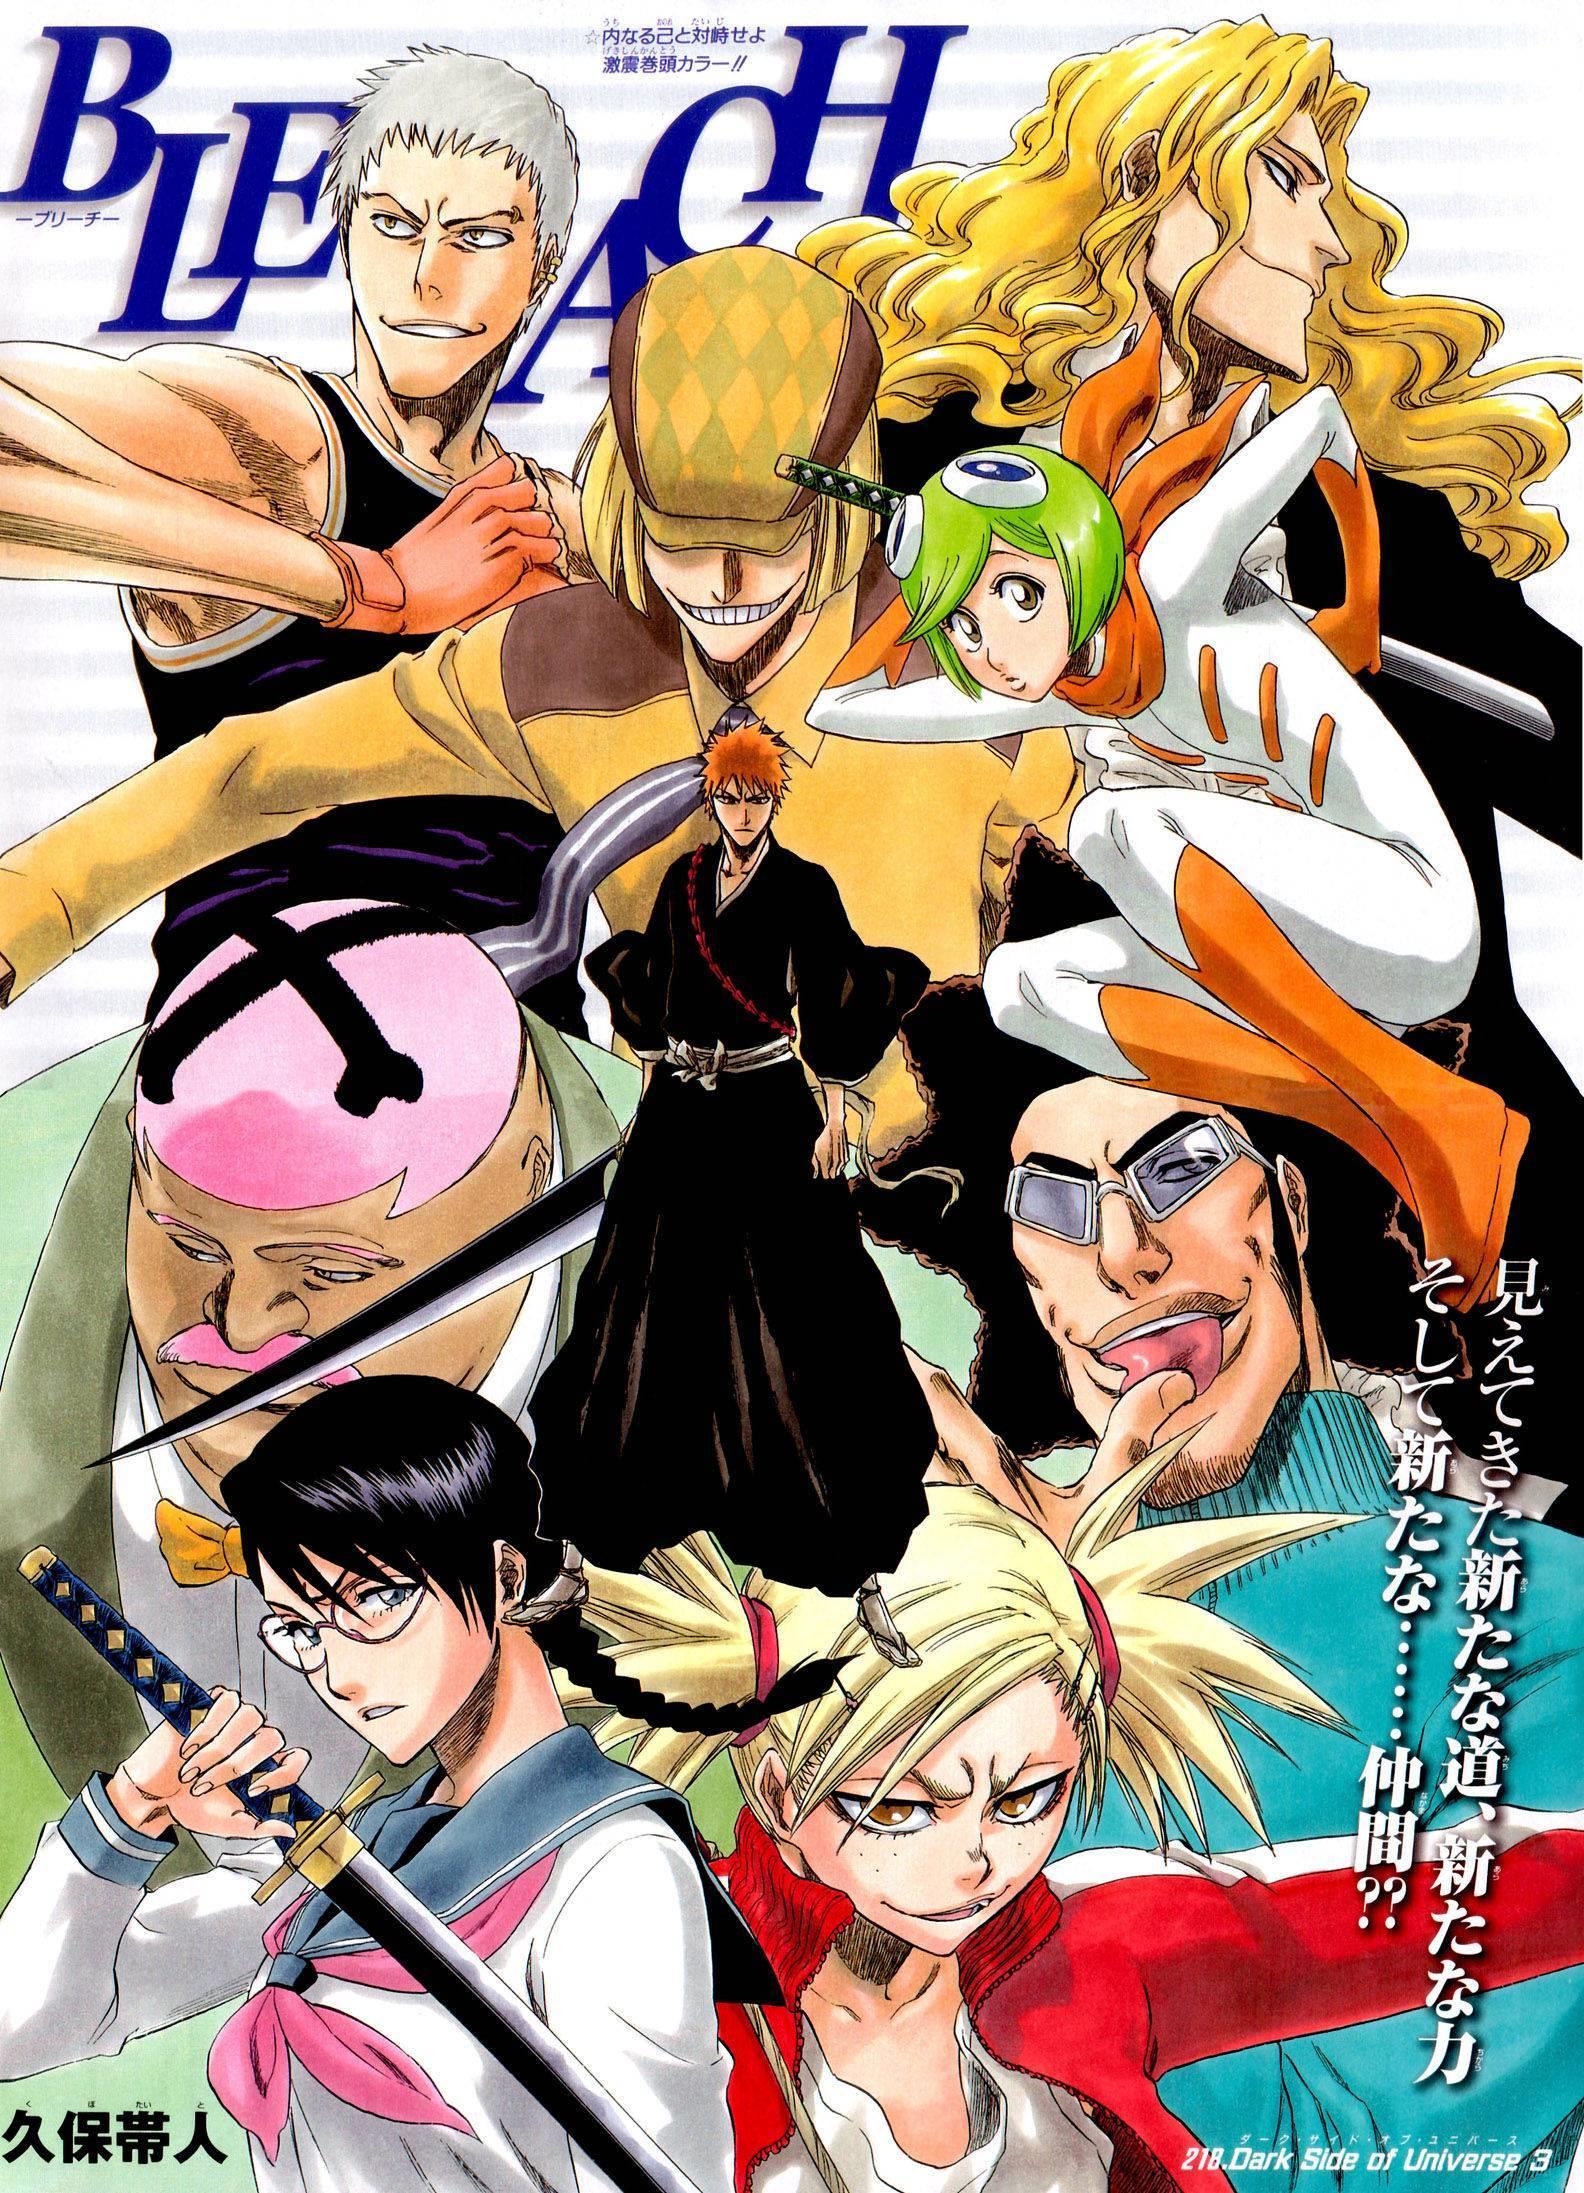 imagenes de kon - Buscar con Google | anime | Pinterest | Anime ...